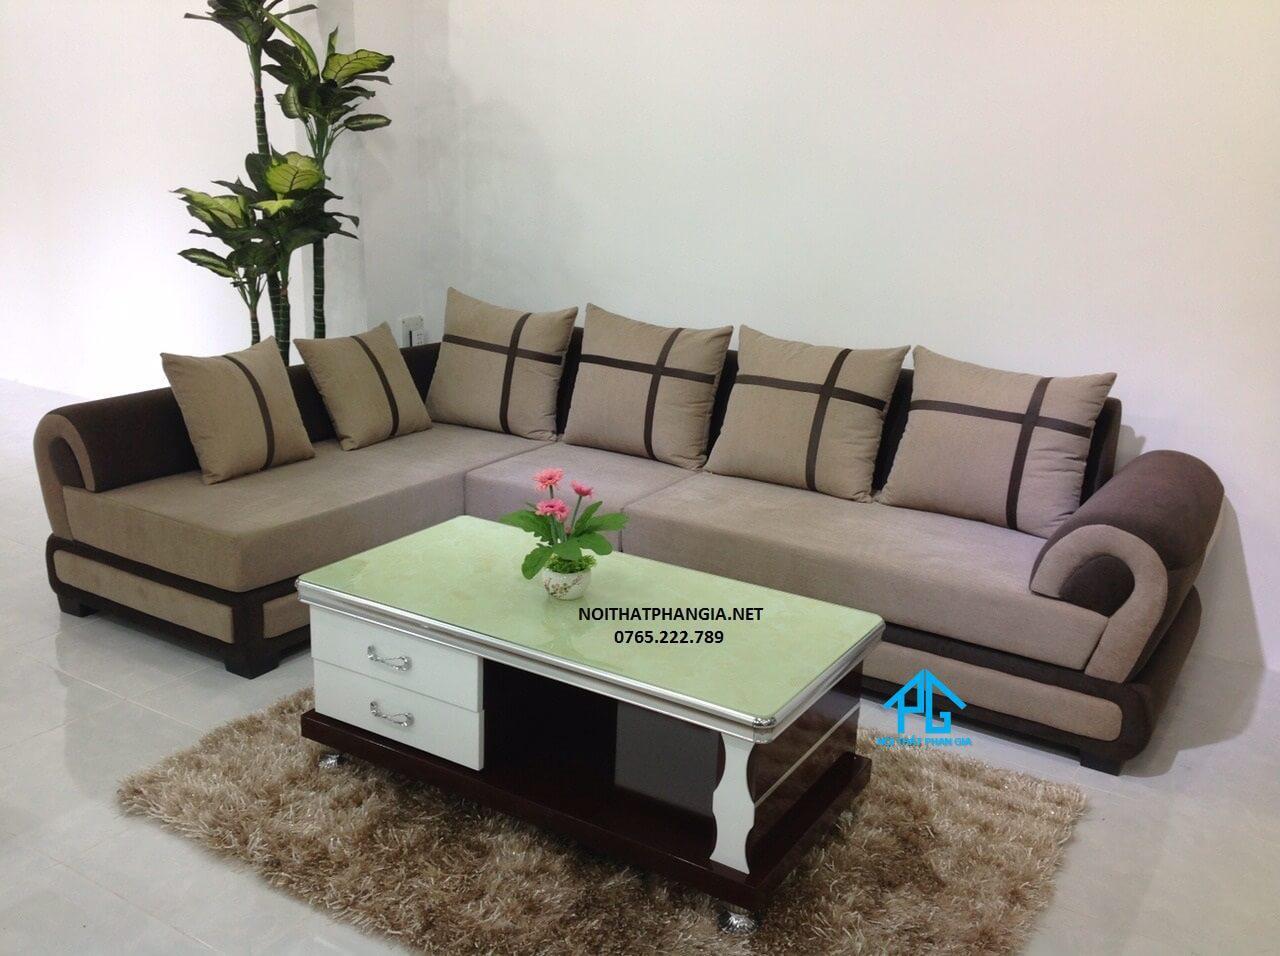 lý do chọn sofa hiện đại;